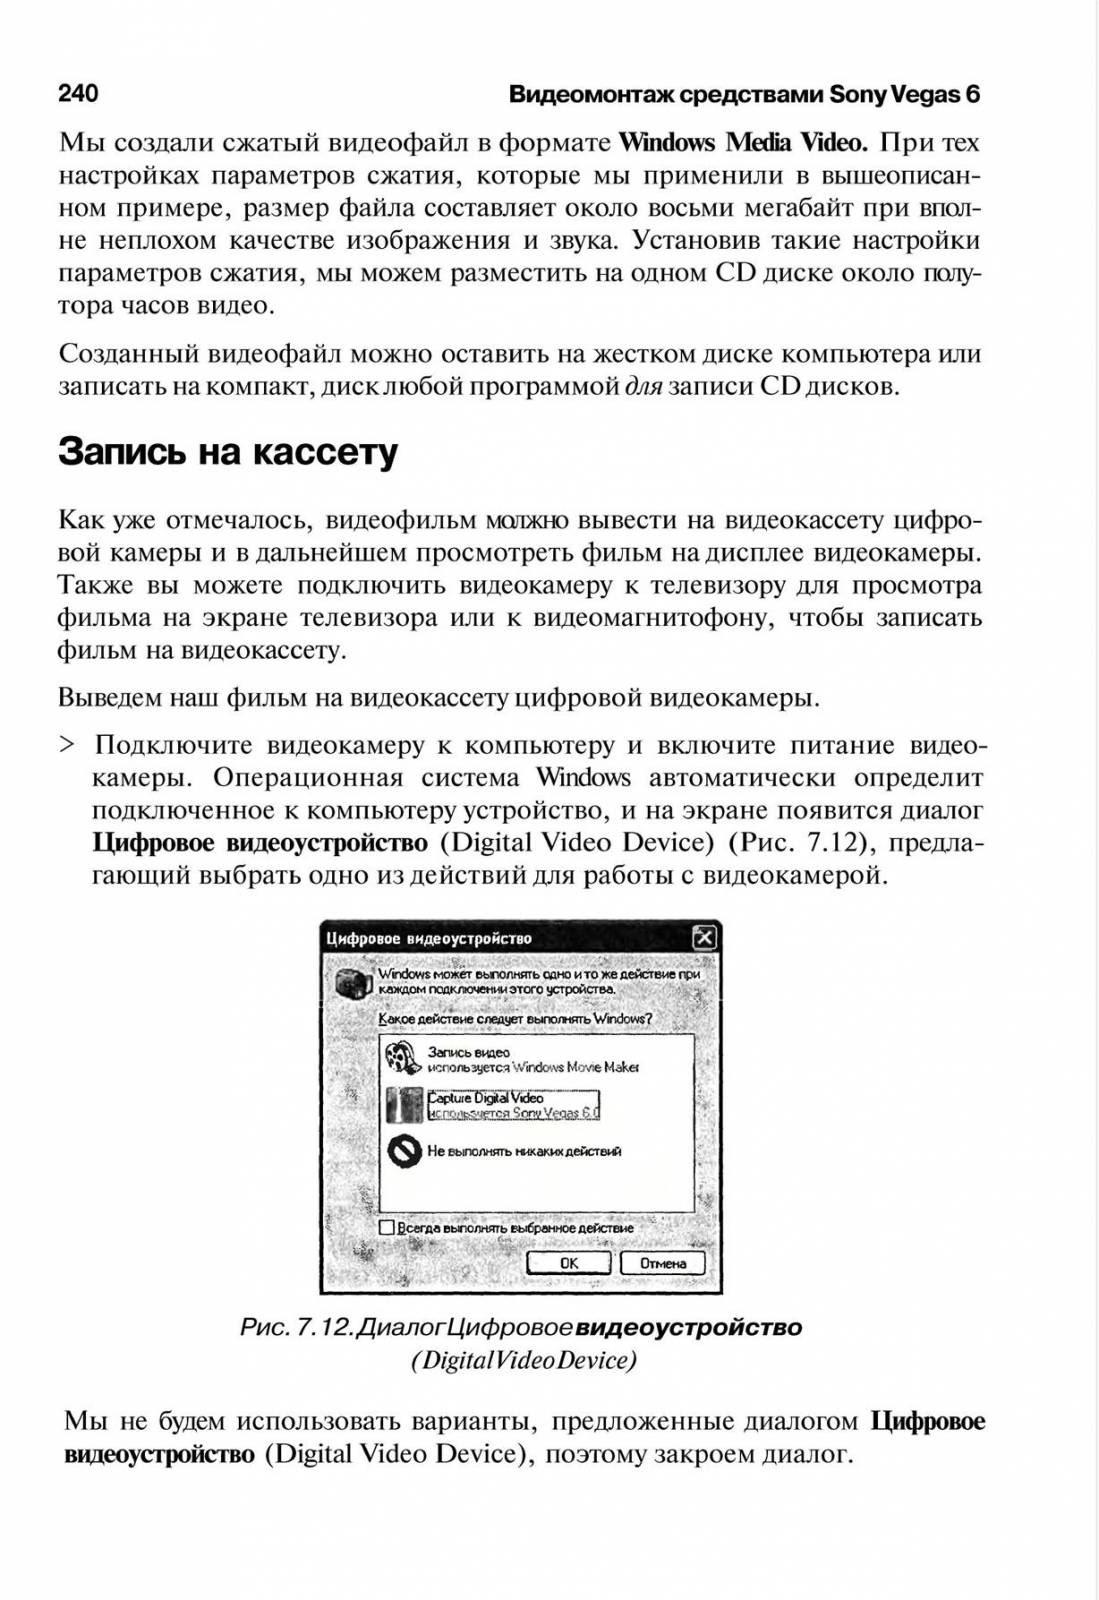 http://redaktori-uroki.3dn.ru/_ph/14/128072962.jpg